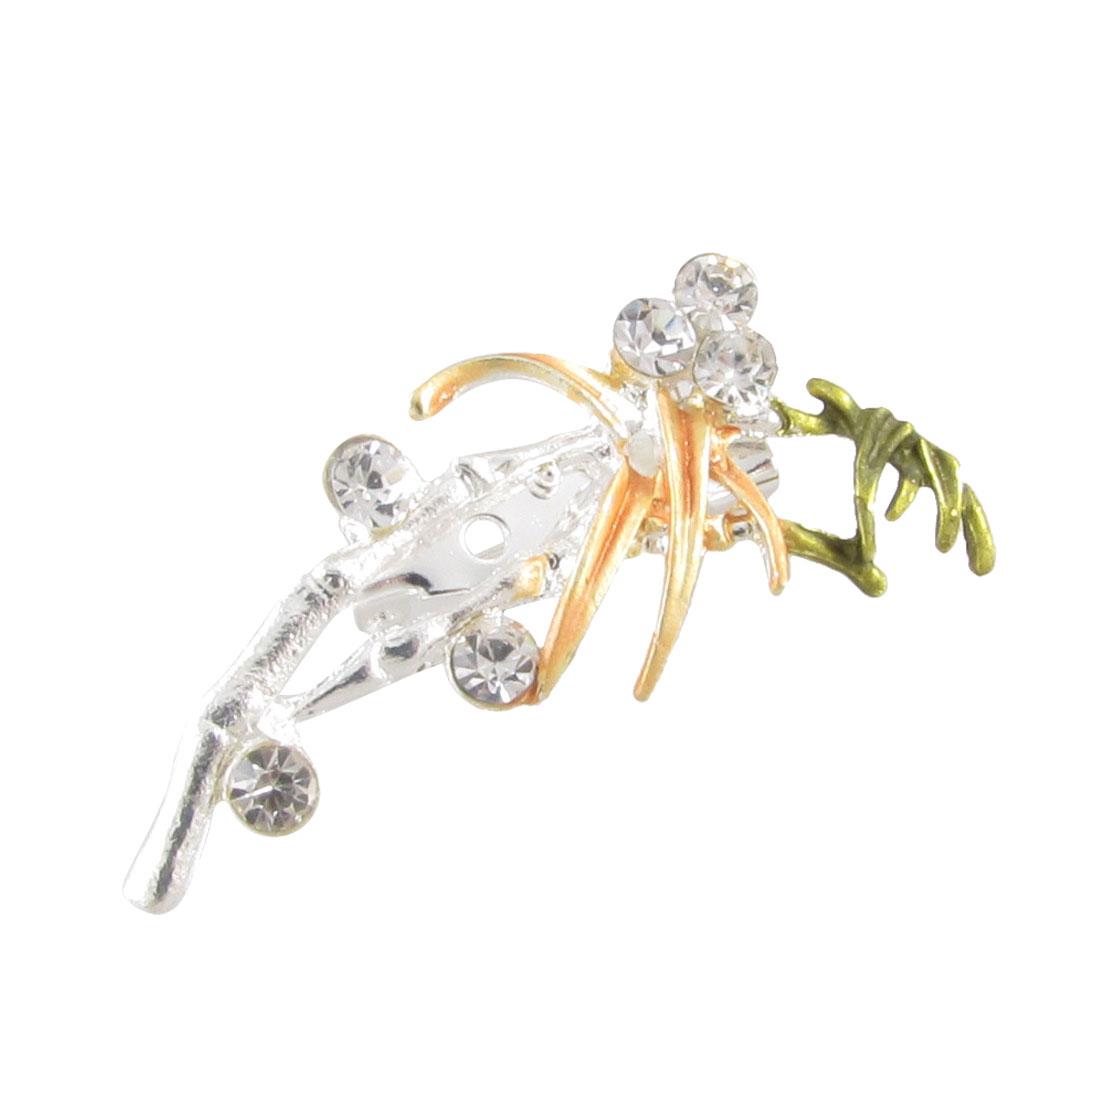 Lady Shiny Rhinestone Green Yellow Silver Tone Leaf Flower Safety Pin Brooch